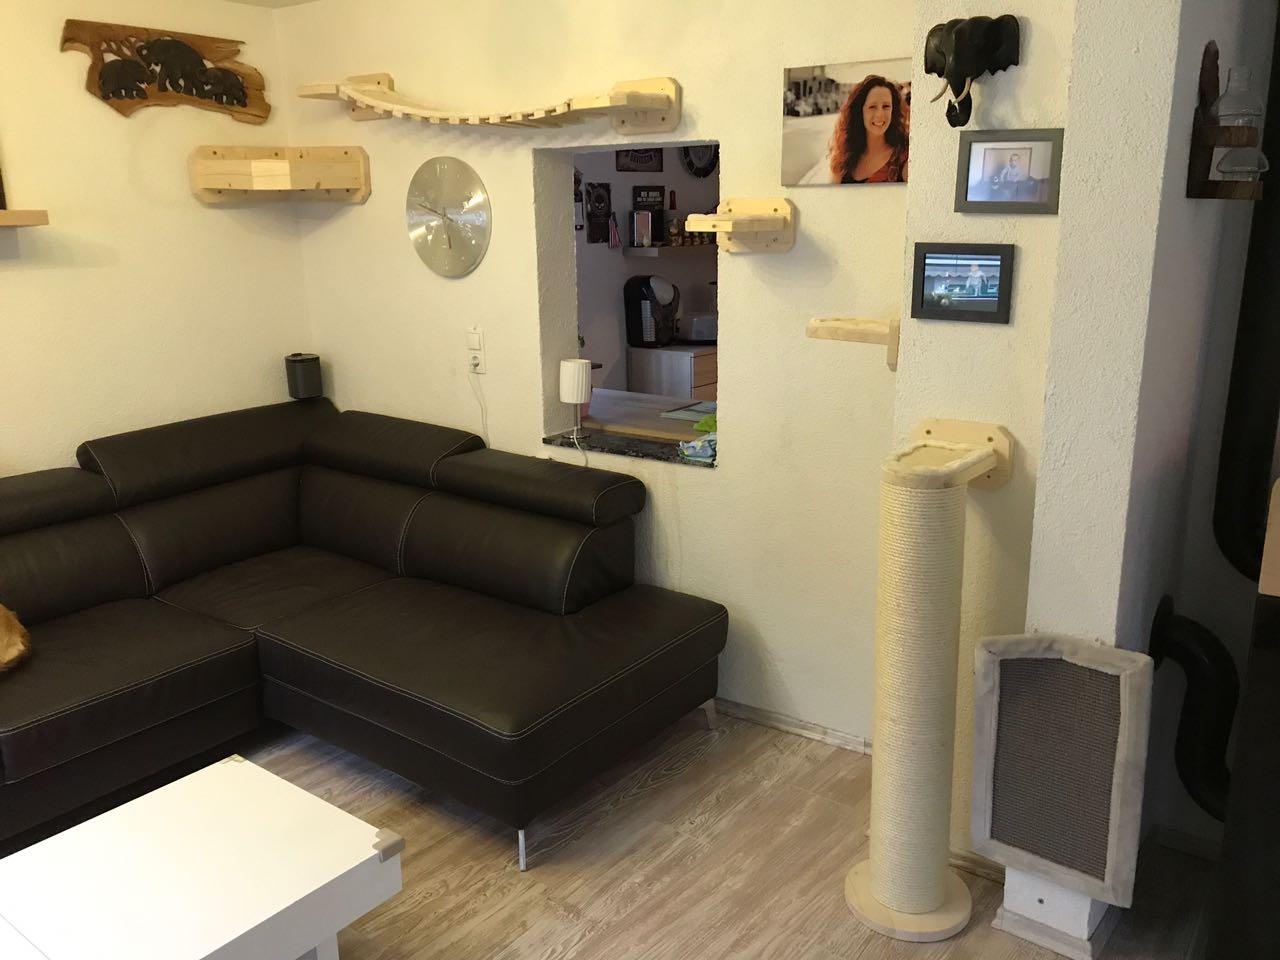 kletterlandschaft f r katzen wandkratzbaum liegemulde f r die wand catwalk h ngebr cke. Black Bedroom Furniture Sets. Home Design Ideas